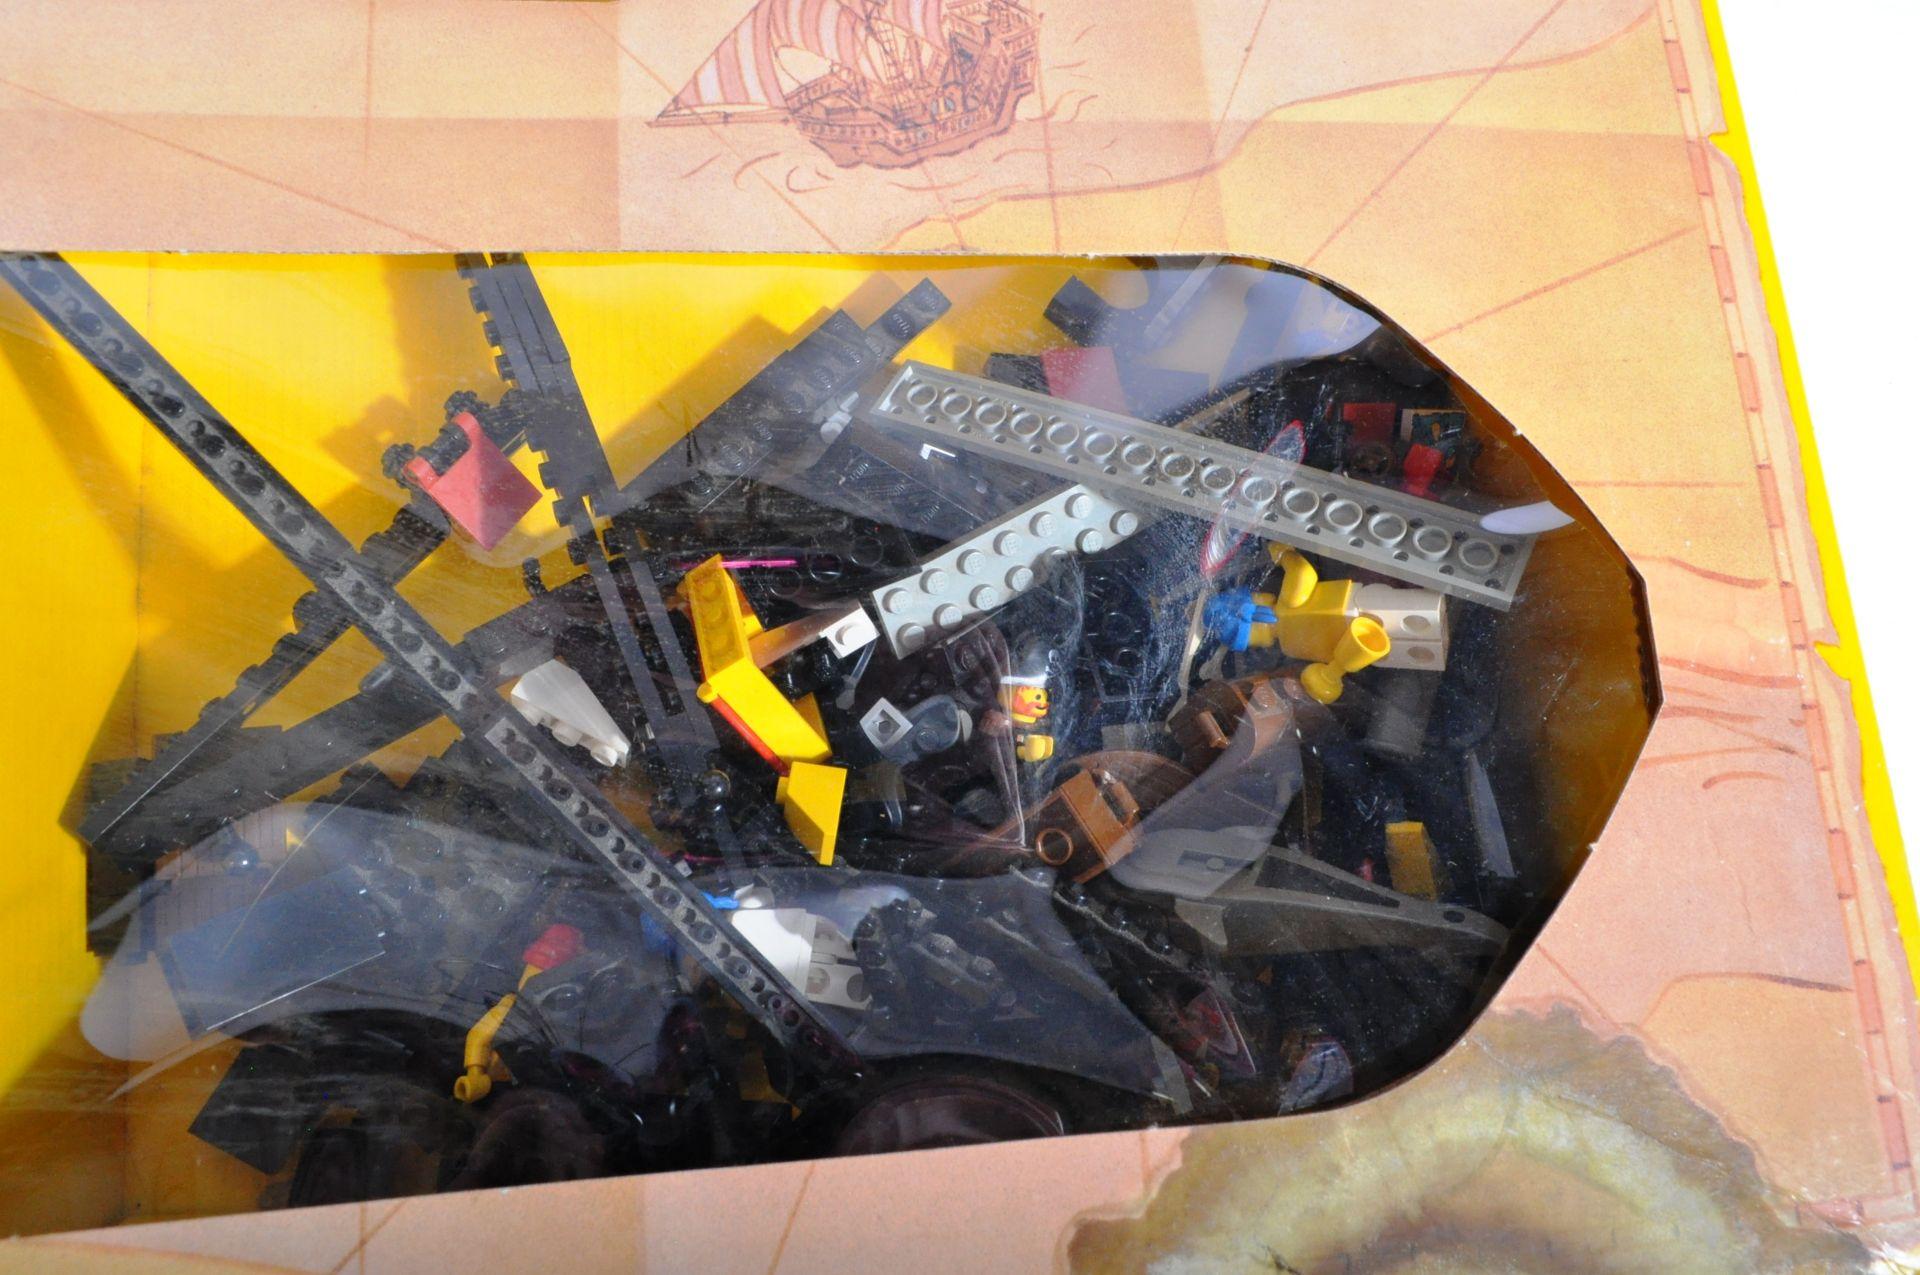 LEGO SET - LEGO LAND - 6285 - BLACK SEAS BARRACUDA - Image 7 of 8